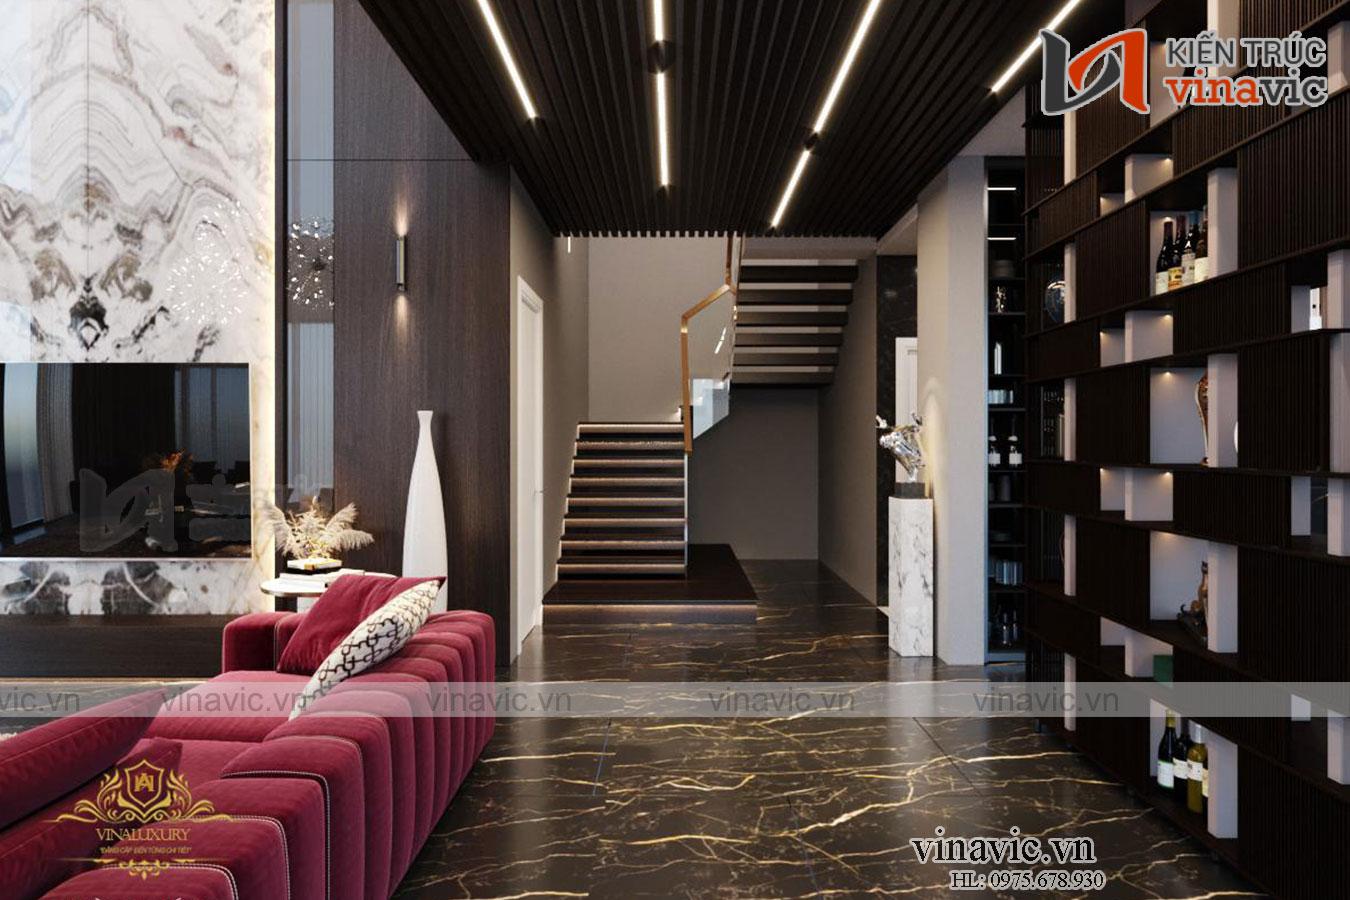 Thiết kế Villa 3 tầng hiện đại ở Chương Mỹ – Hà Nội BT2016